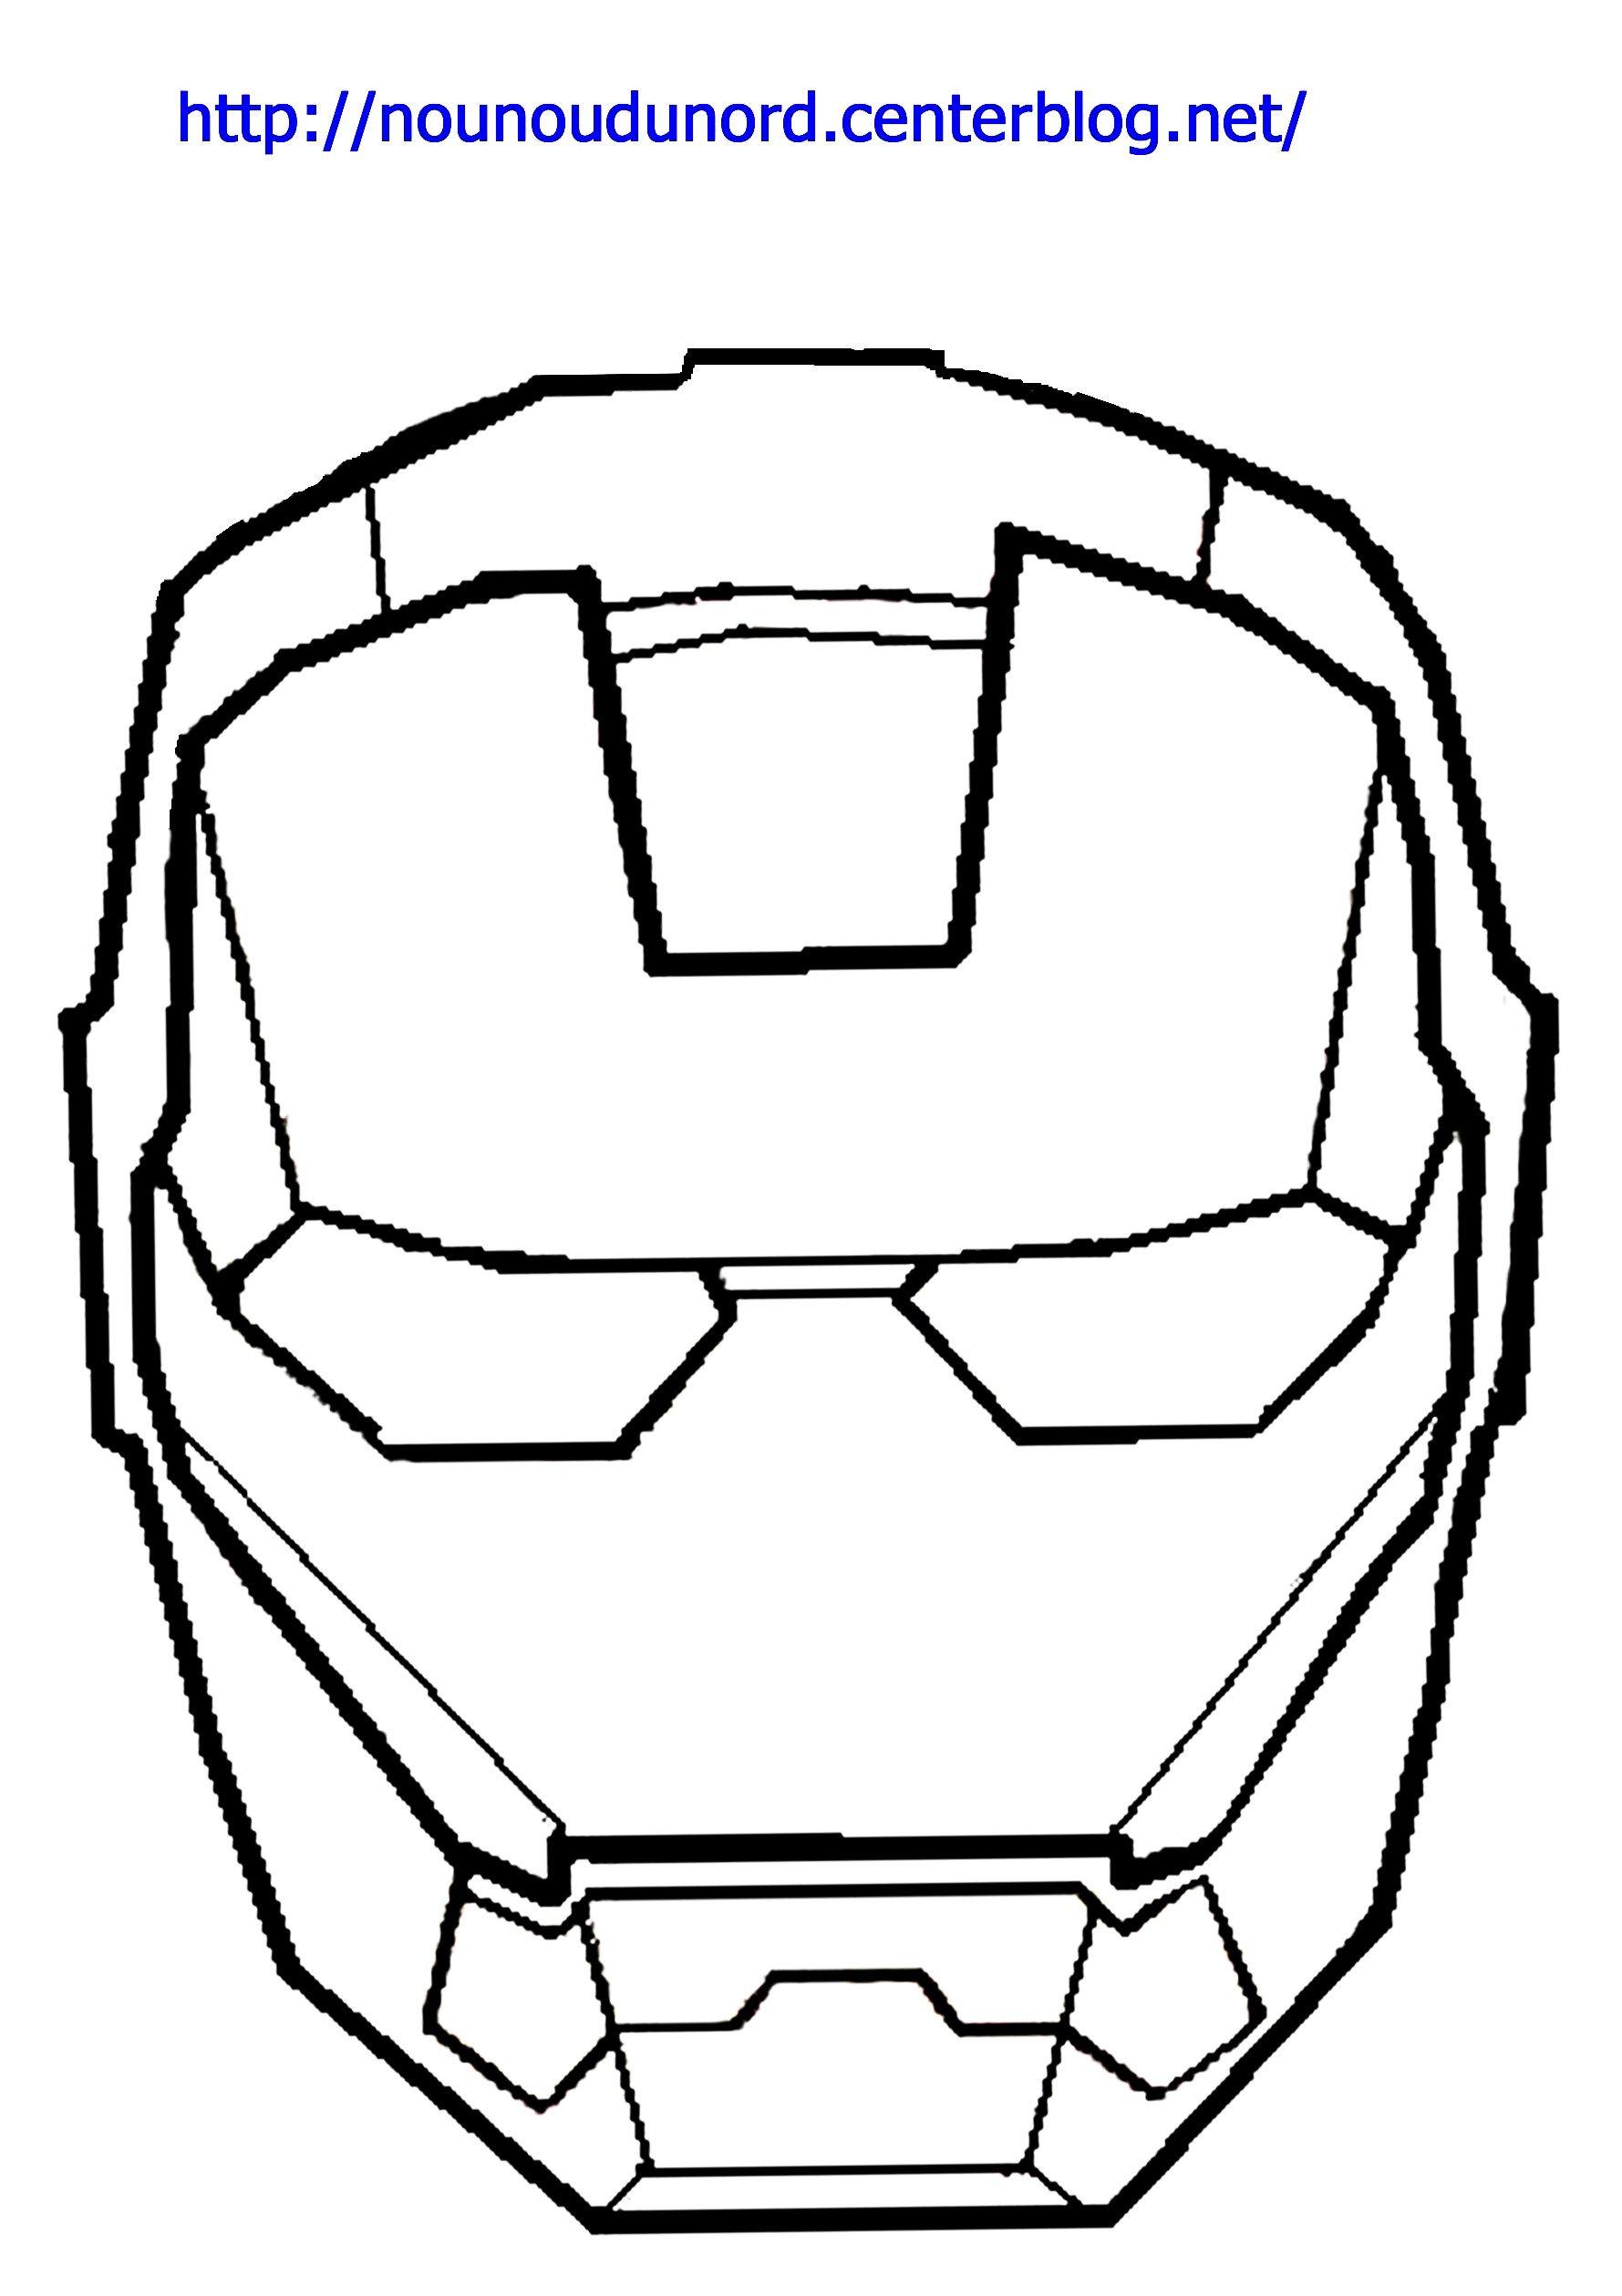 Coloriage Iron Man À Colorier - Dessin À Imprimer encequiconcerne Masque Spiderman A Imprimer